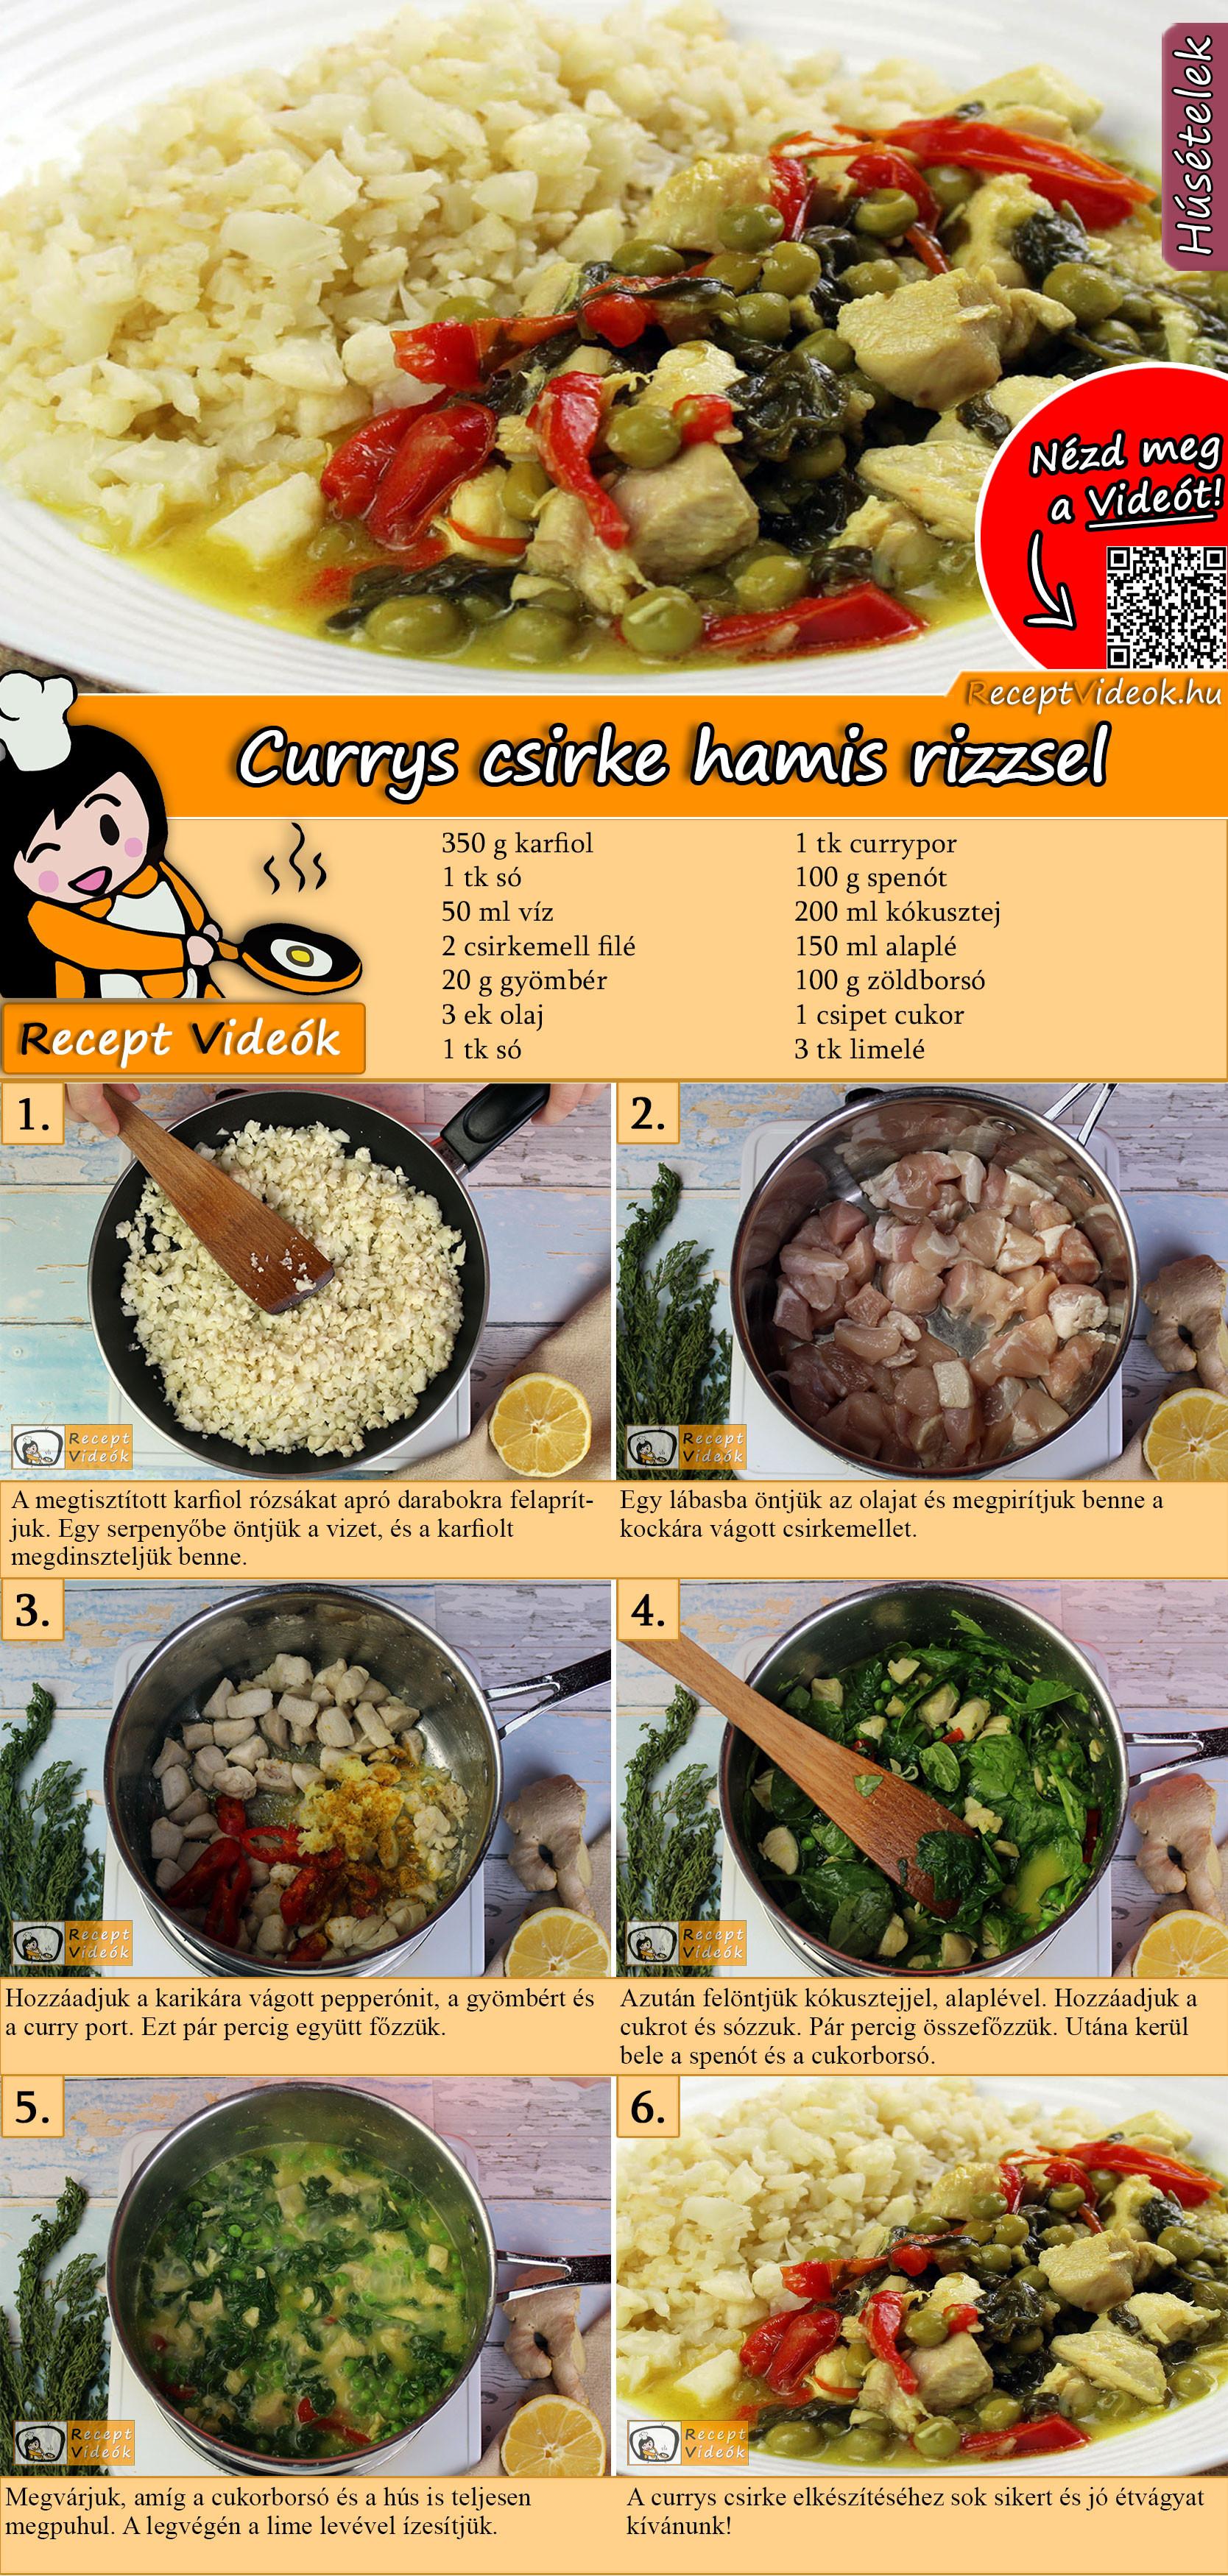 Currys csirke hamis rizzsel recept elkészítése videóval